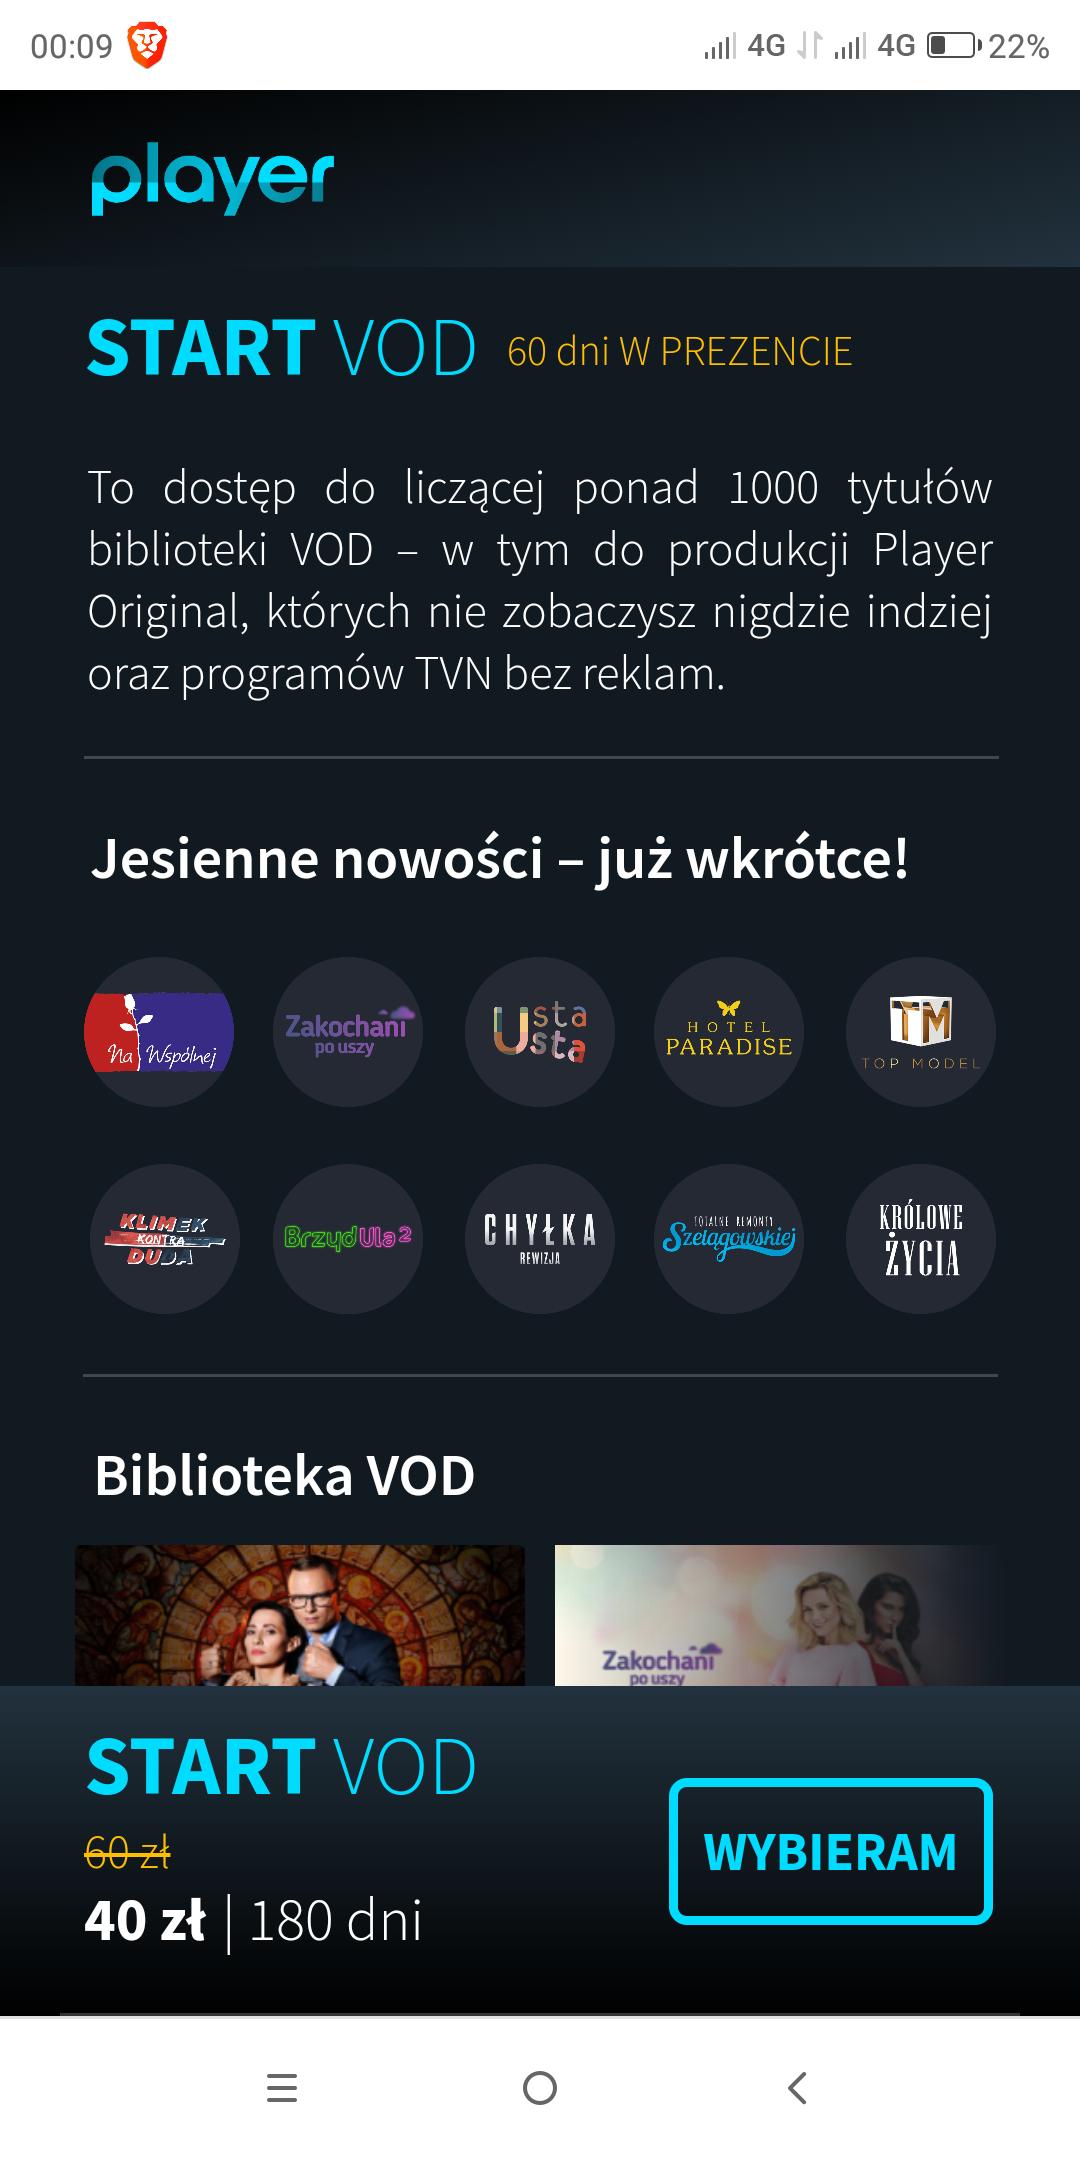 Player - pakiet Start VOD